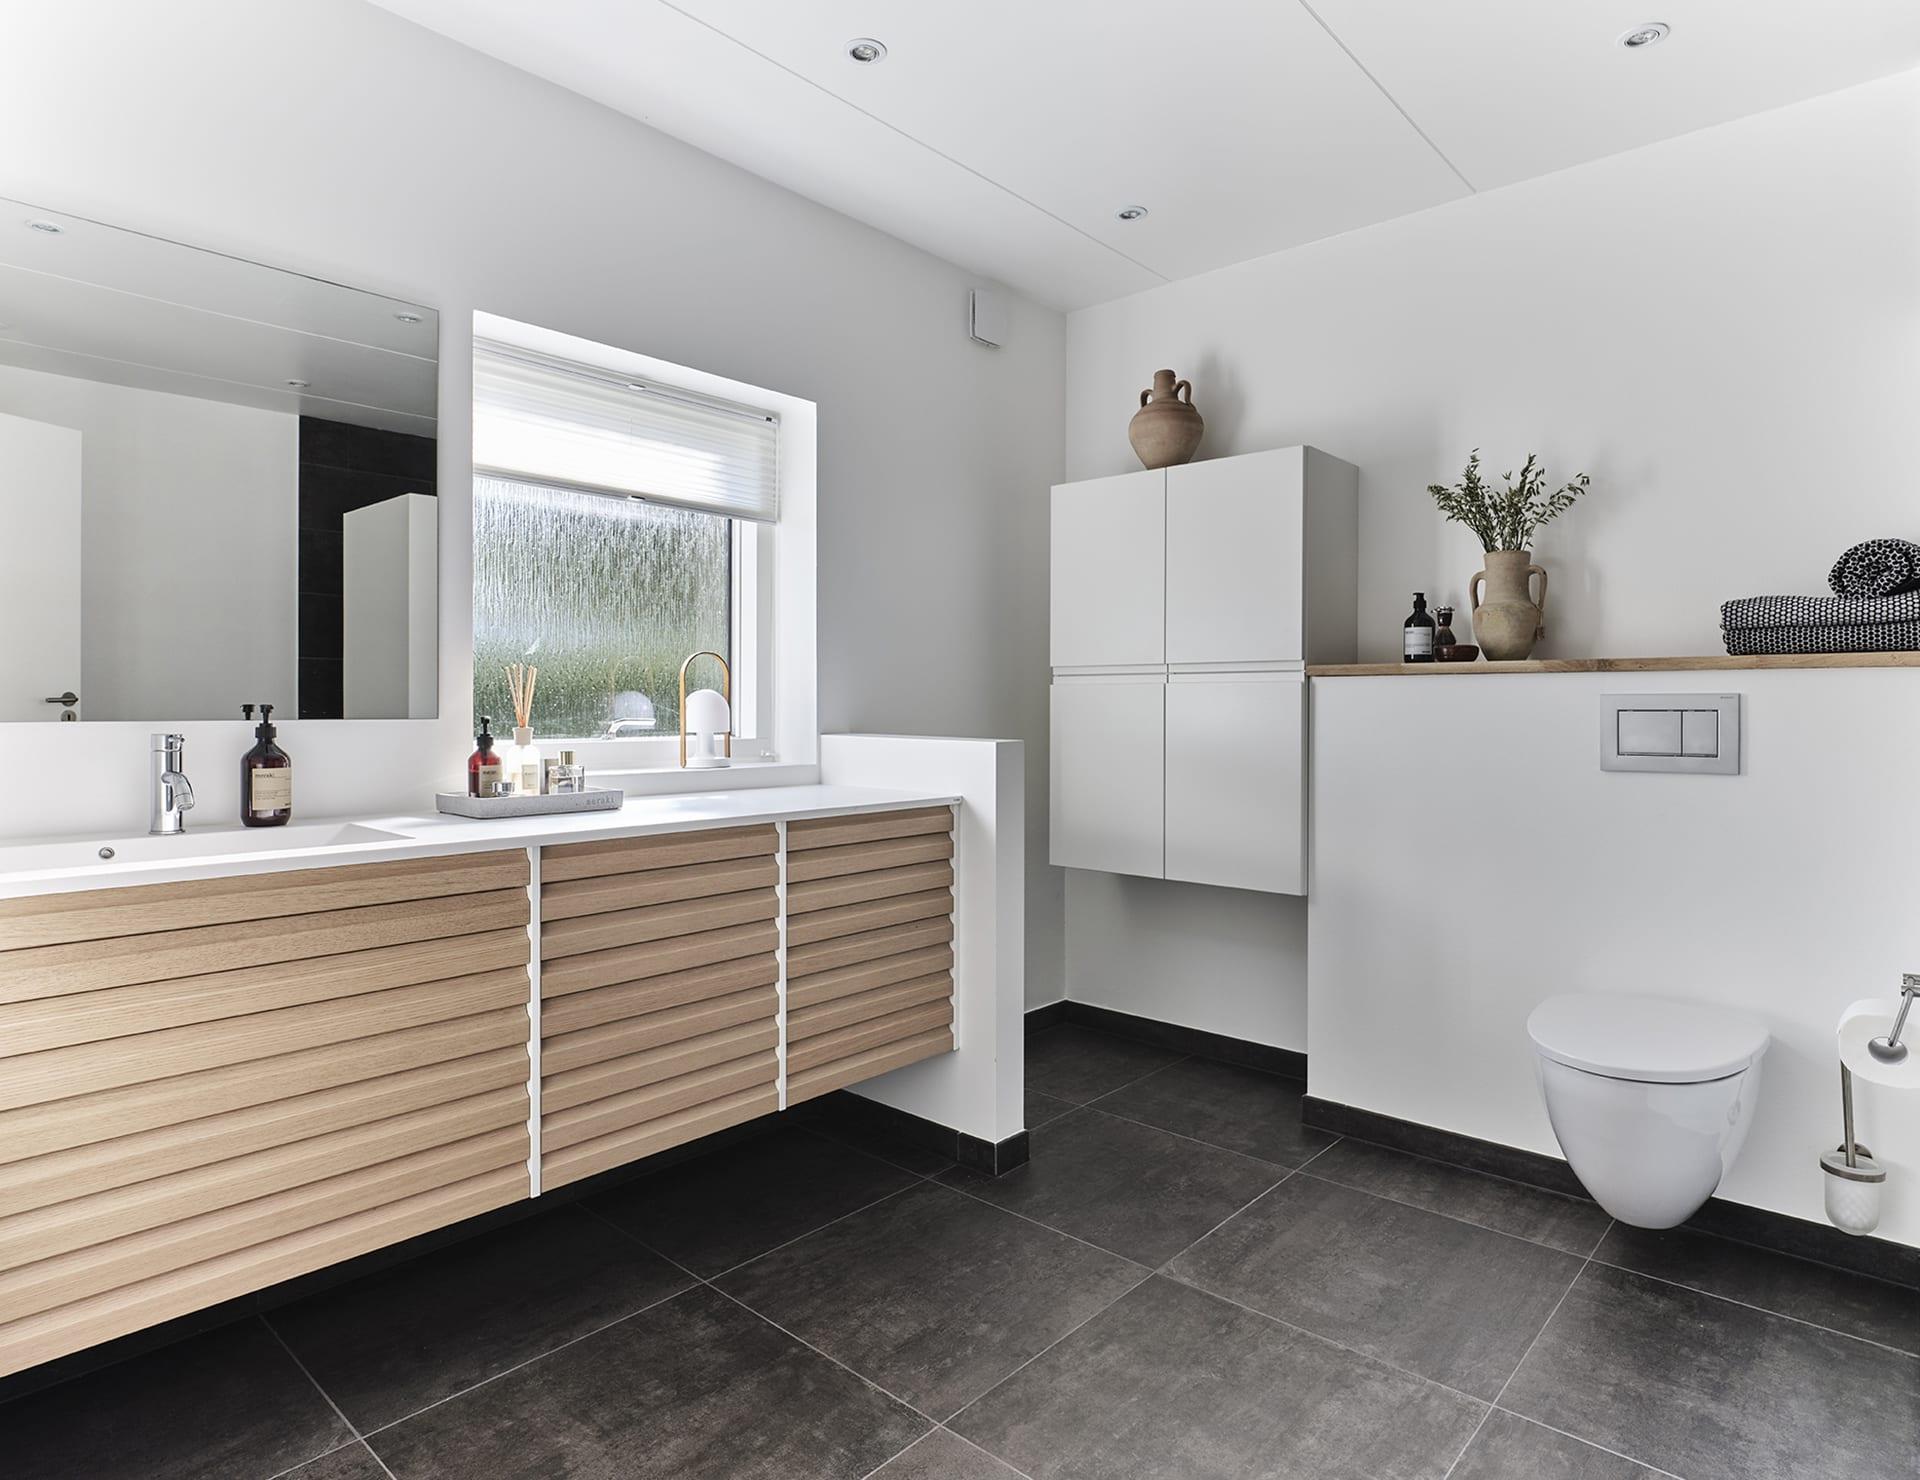 Picture of: Badevaerelser Hoj Kvalitet Stor Funktionalitet Smukt Design